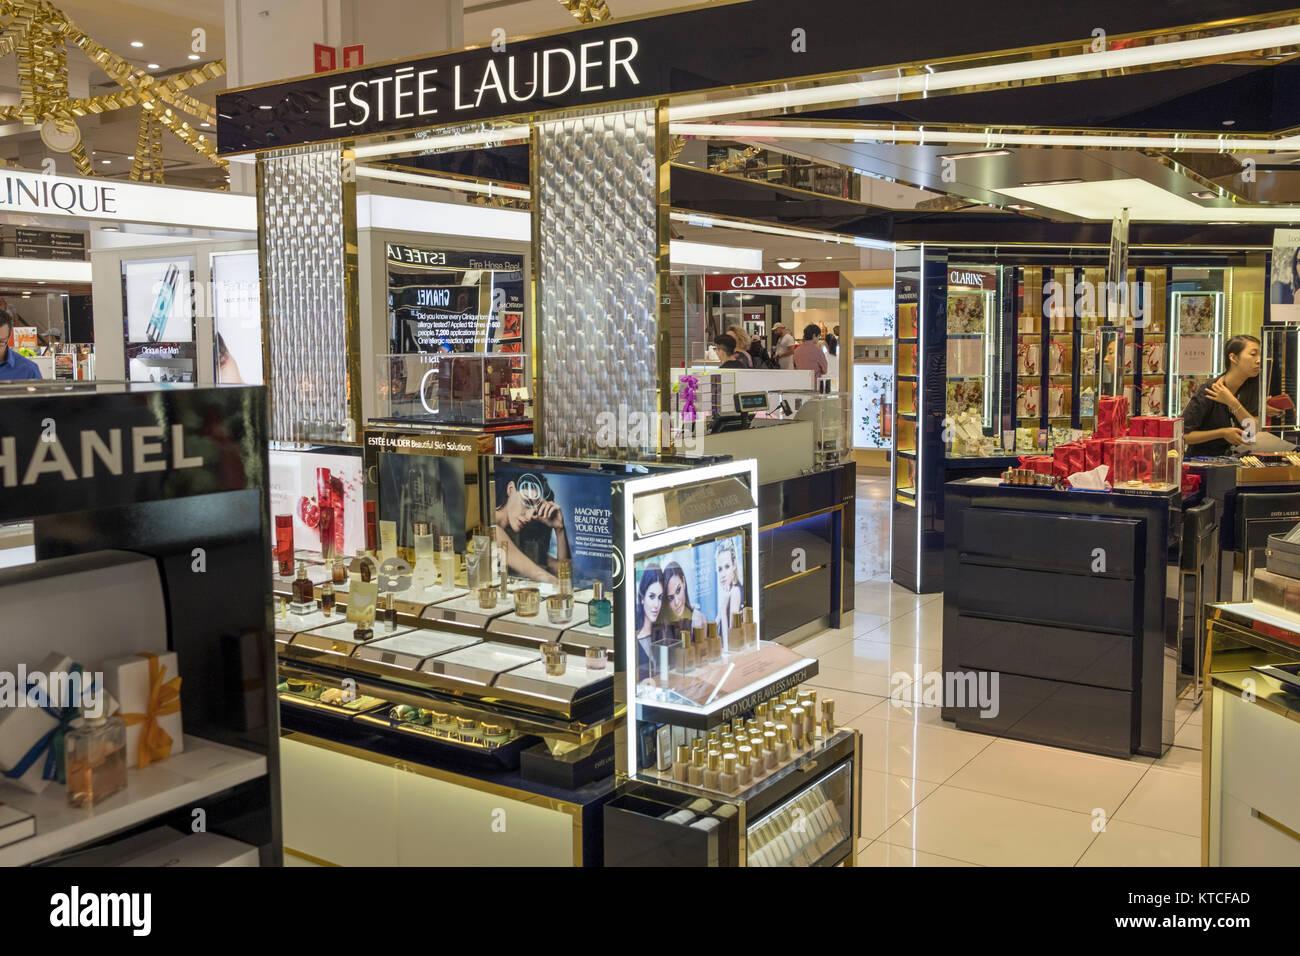 Estee Lauder Stock Photos & Estee Lauder Stock Images